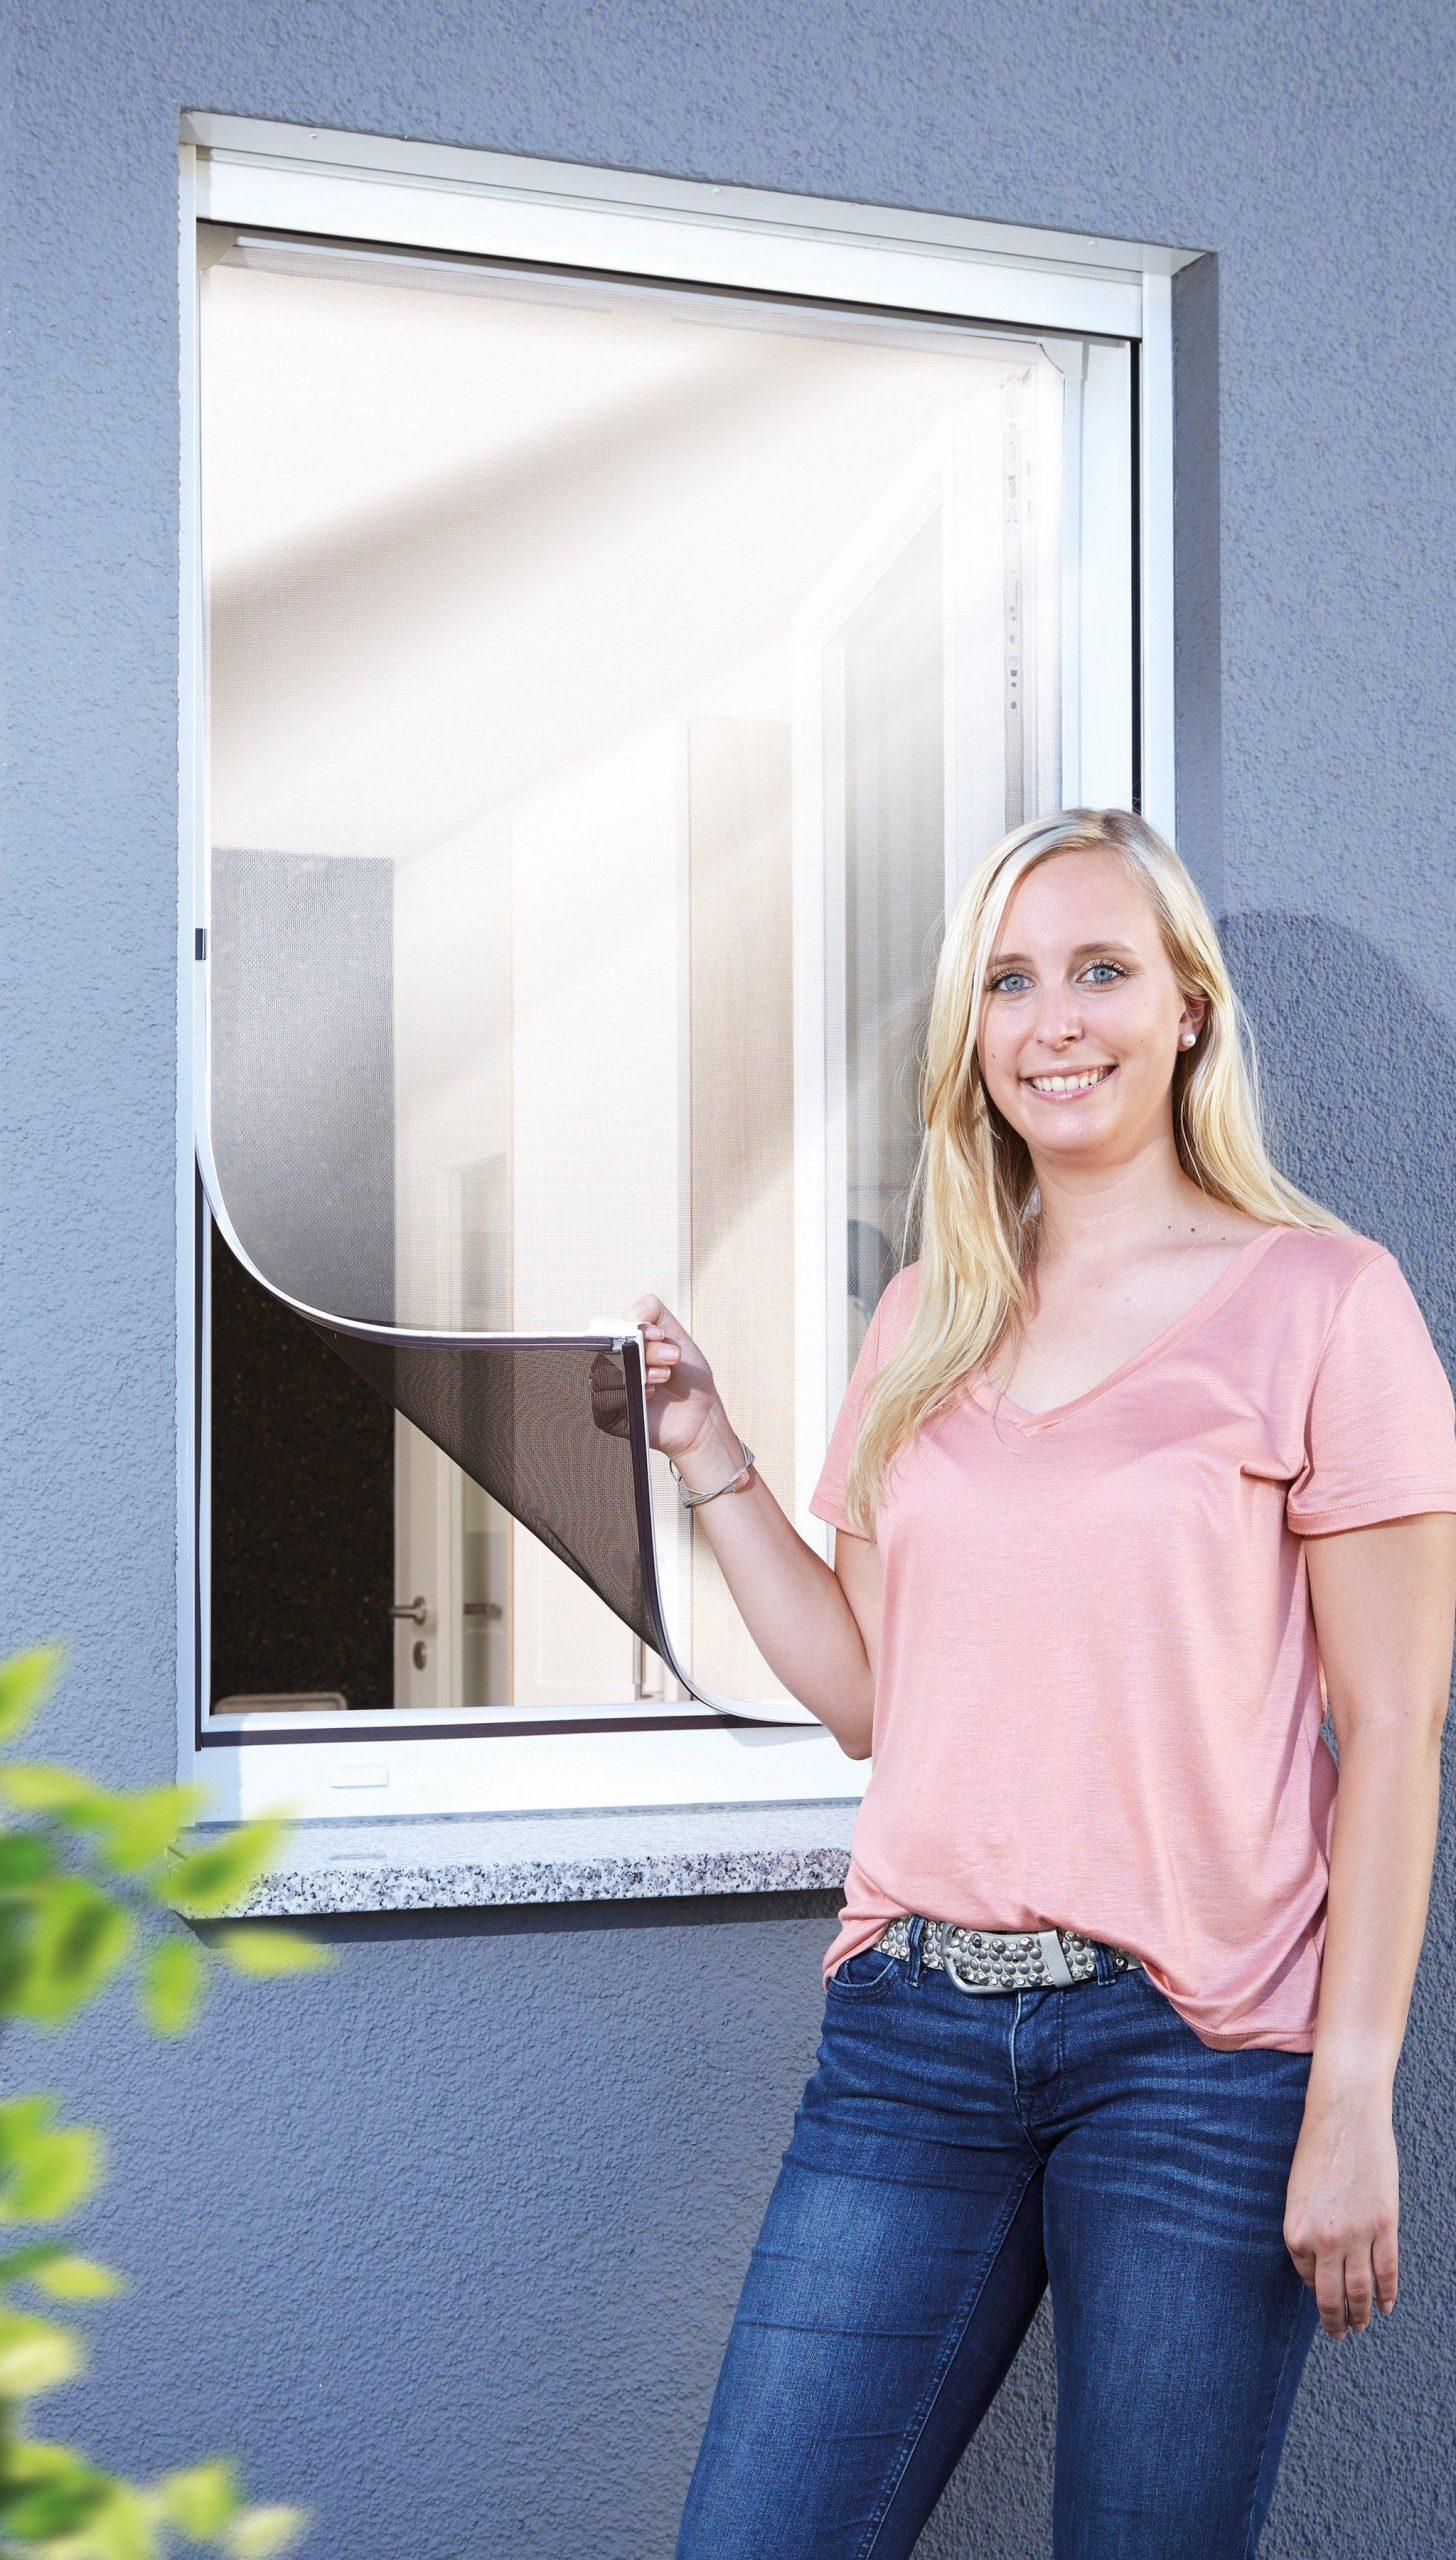 Full Size of Fliegengitter Magnet Schellenberg Insektenschutz Fenster Maßanfertigung Magnettafel Küche Für Wohnzimmer Fliegengitter Magnet